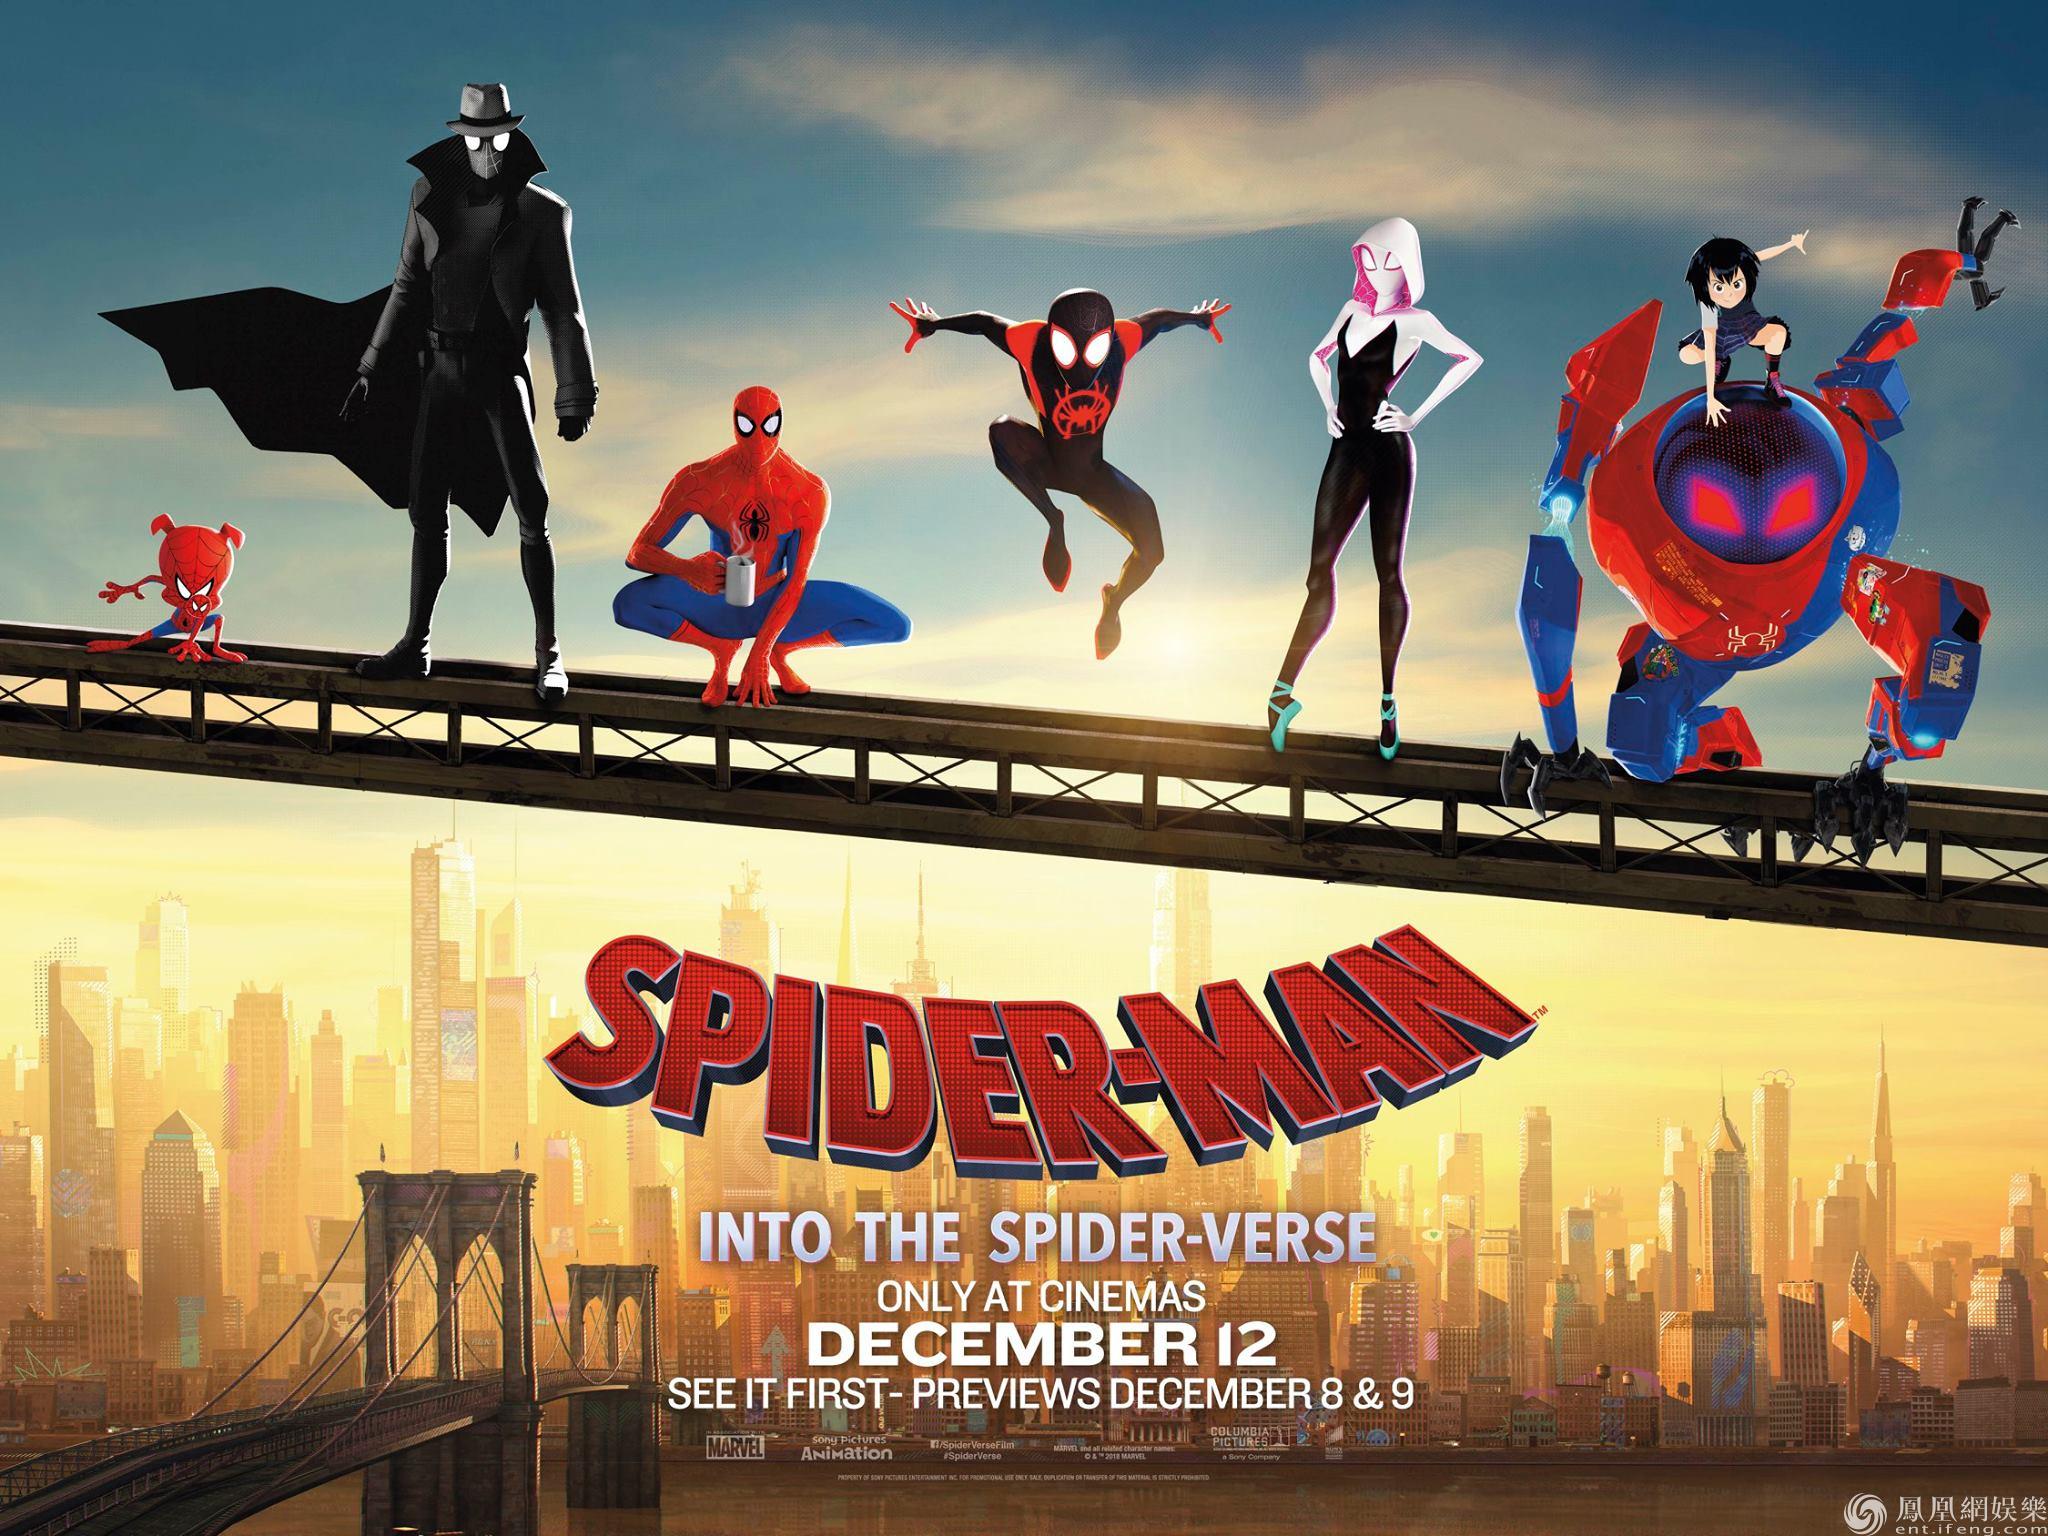 《毒液》大卖票房近8亿 未播彩蛋出自动画《蜘蛛侠》